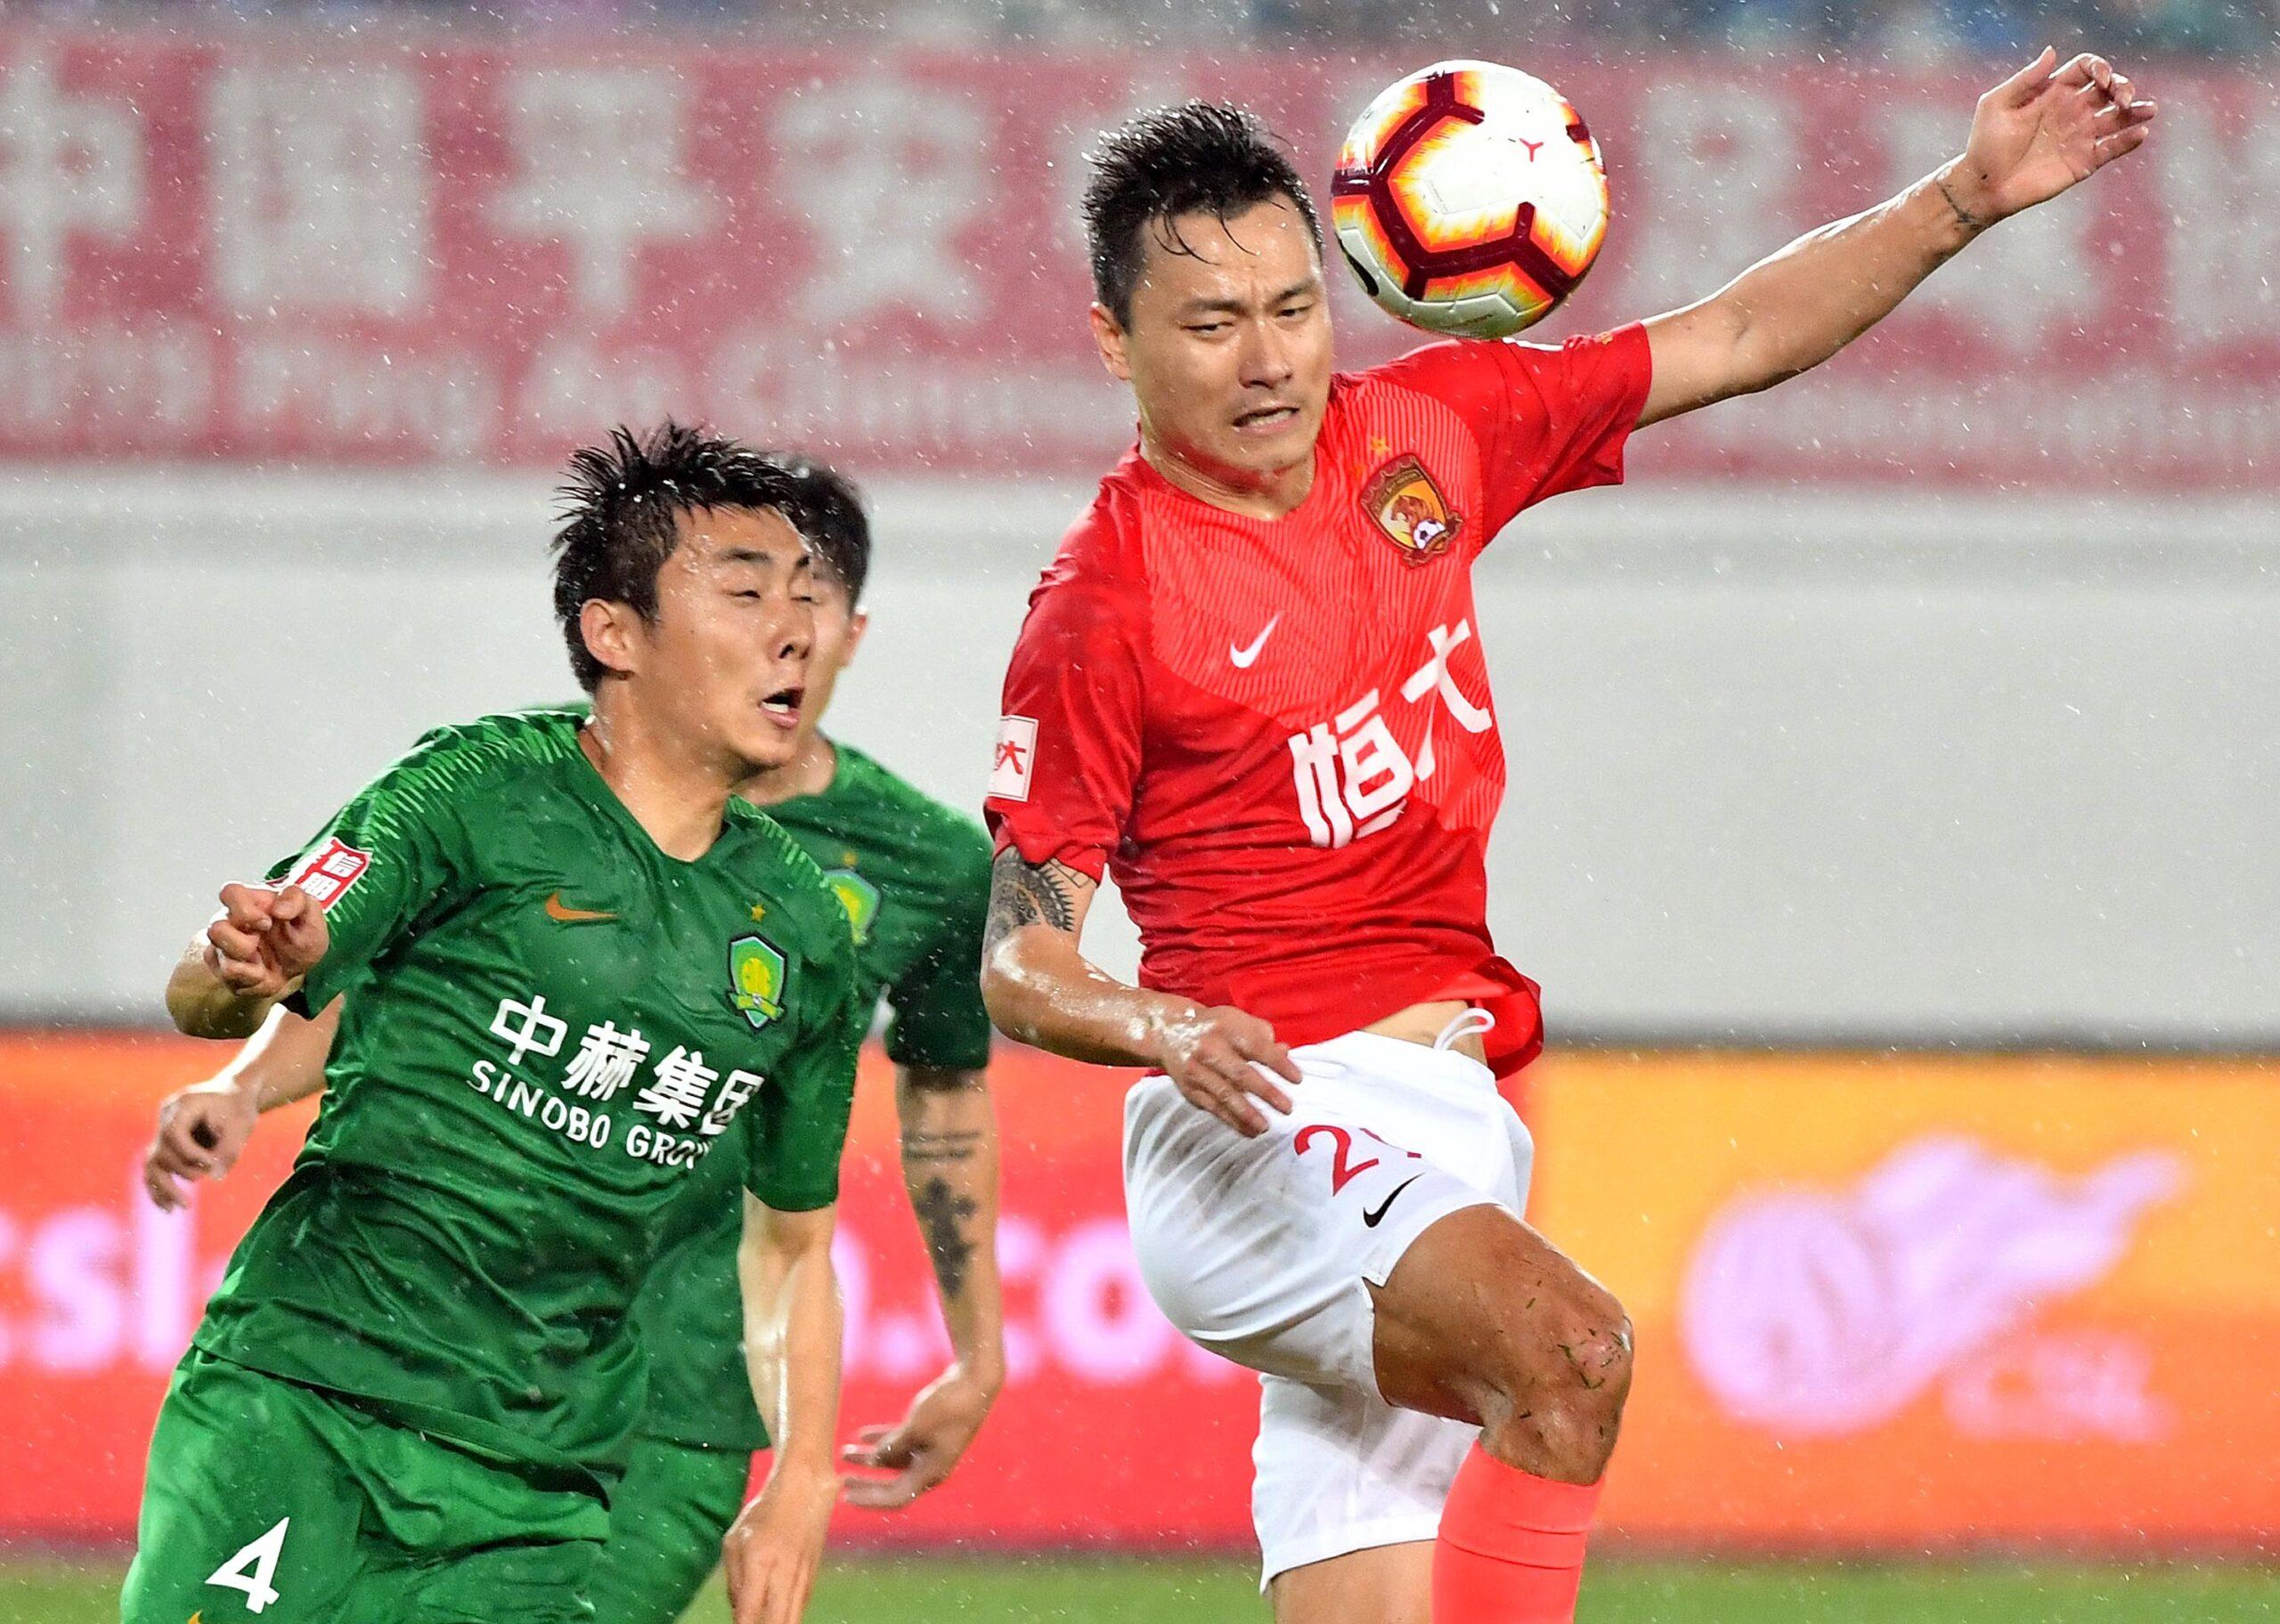 Tỷ lệ kèo nhà cái Changchun Yatai vs Beijing Guoan, 15h30 ngày 22/7, VĐQG Trung Quốc